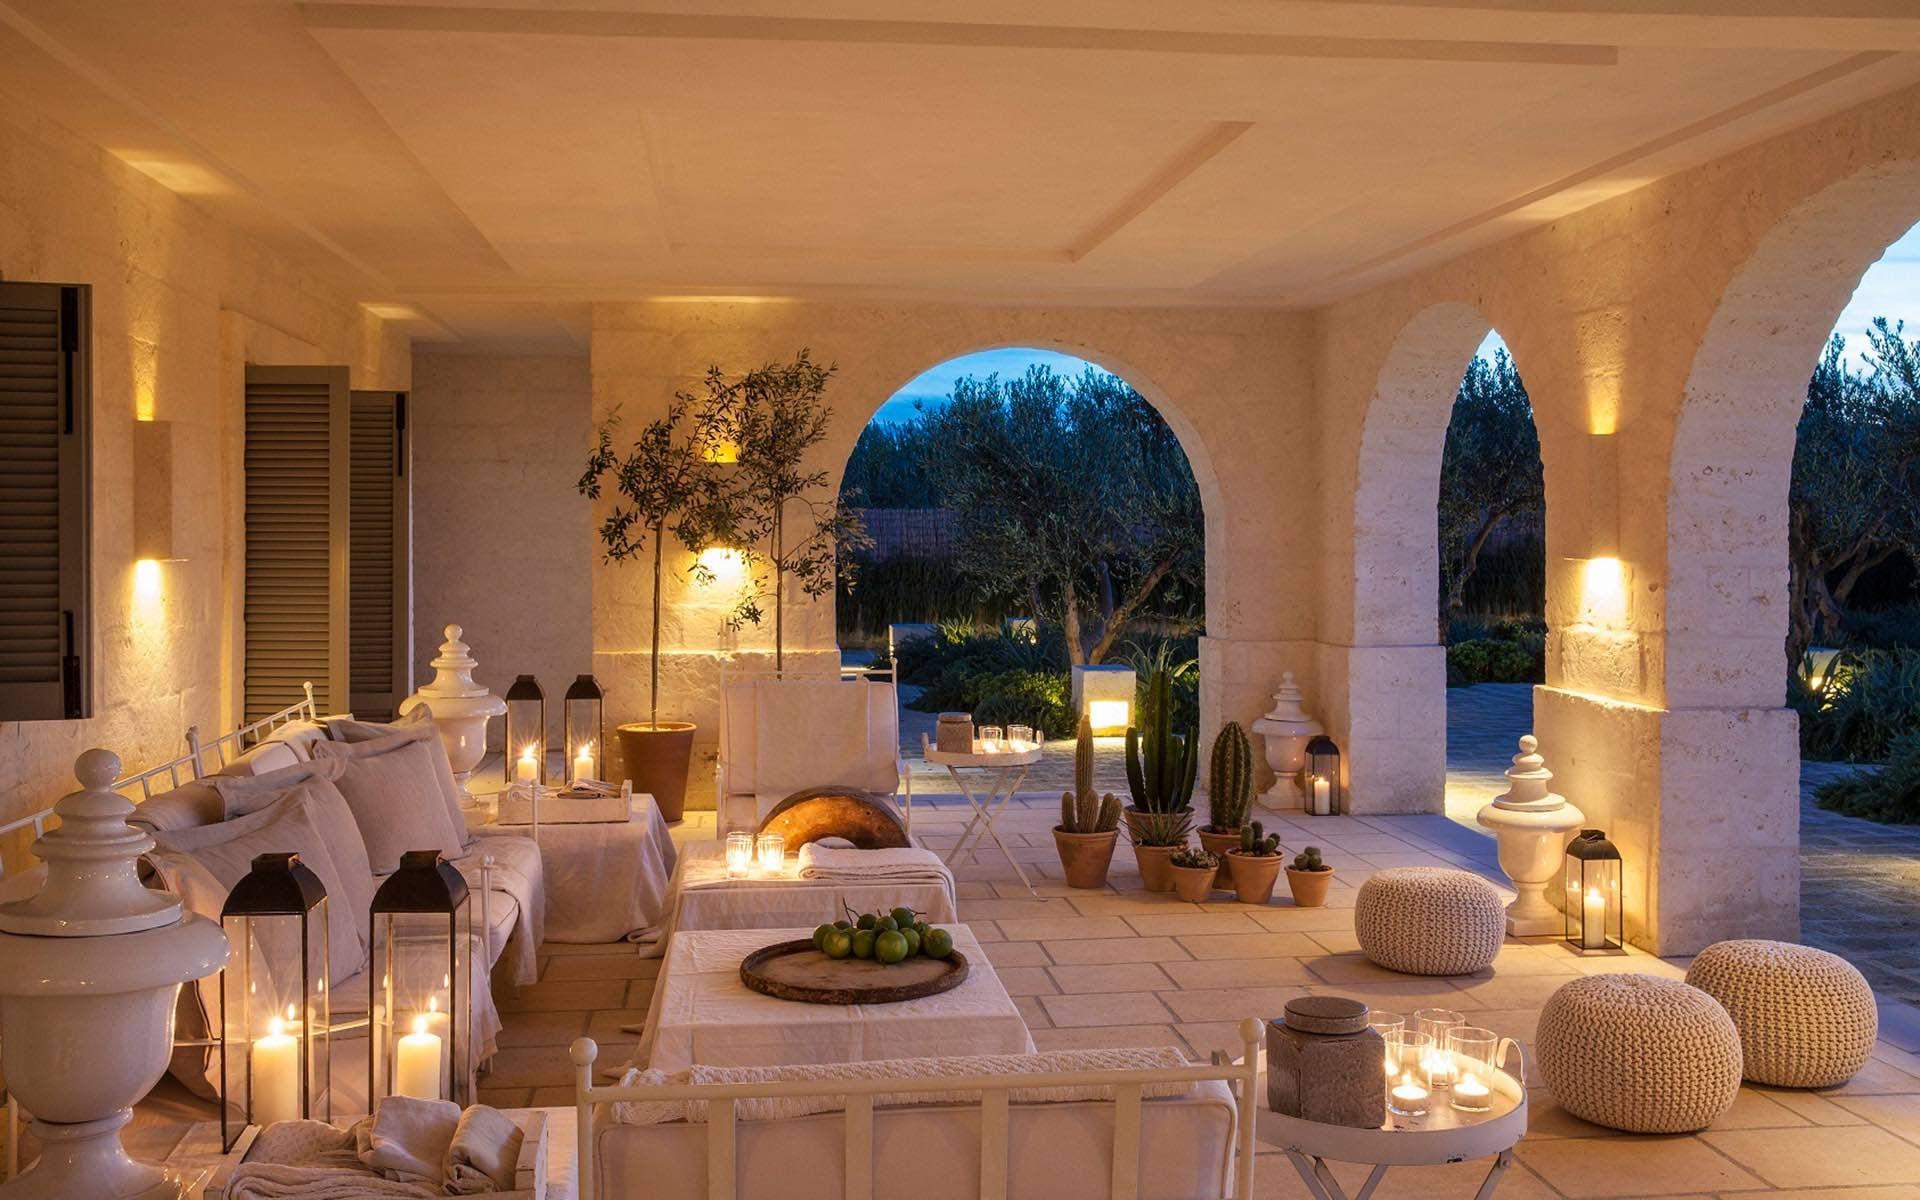 Villa Padronale Case di lusso, Appartamenti di lusso, Villa